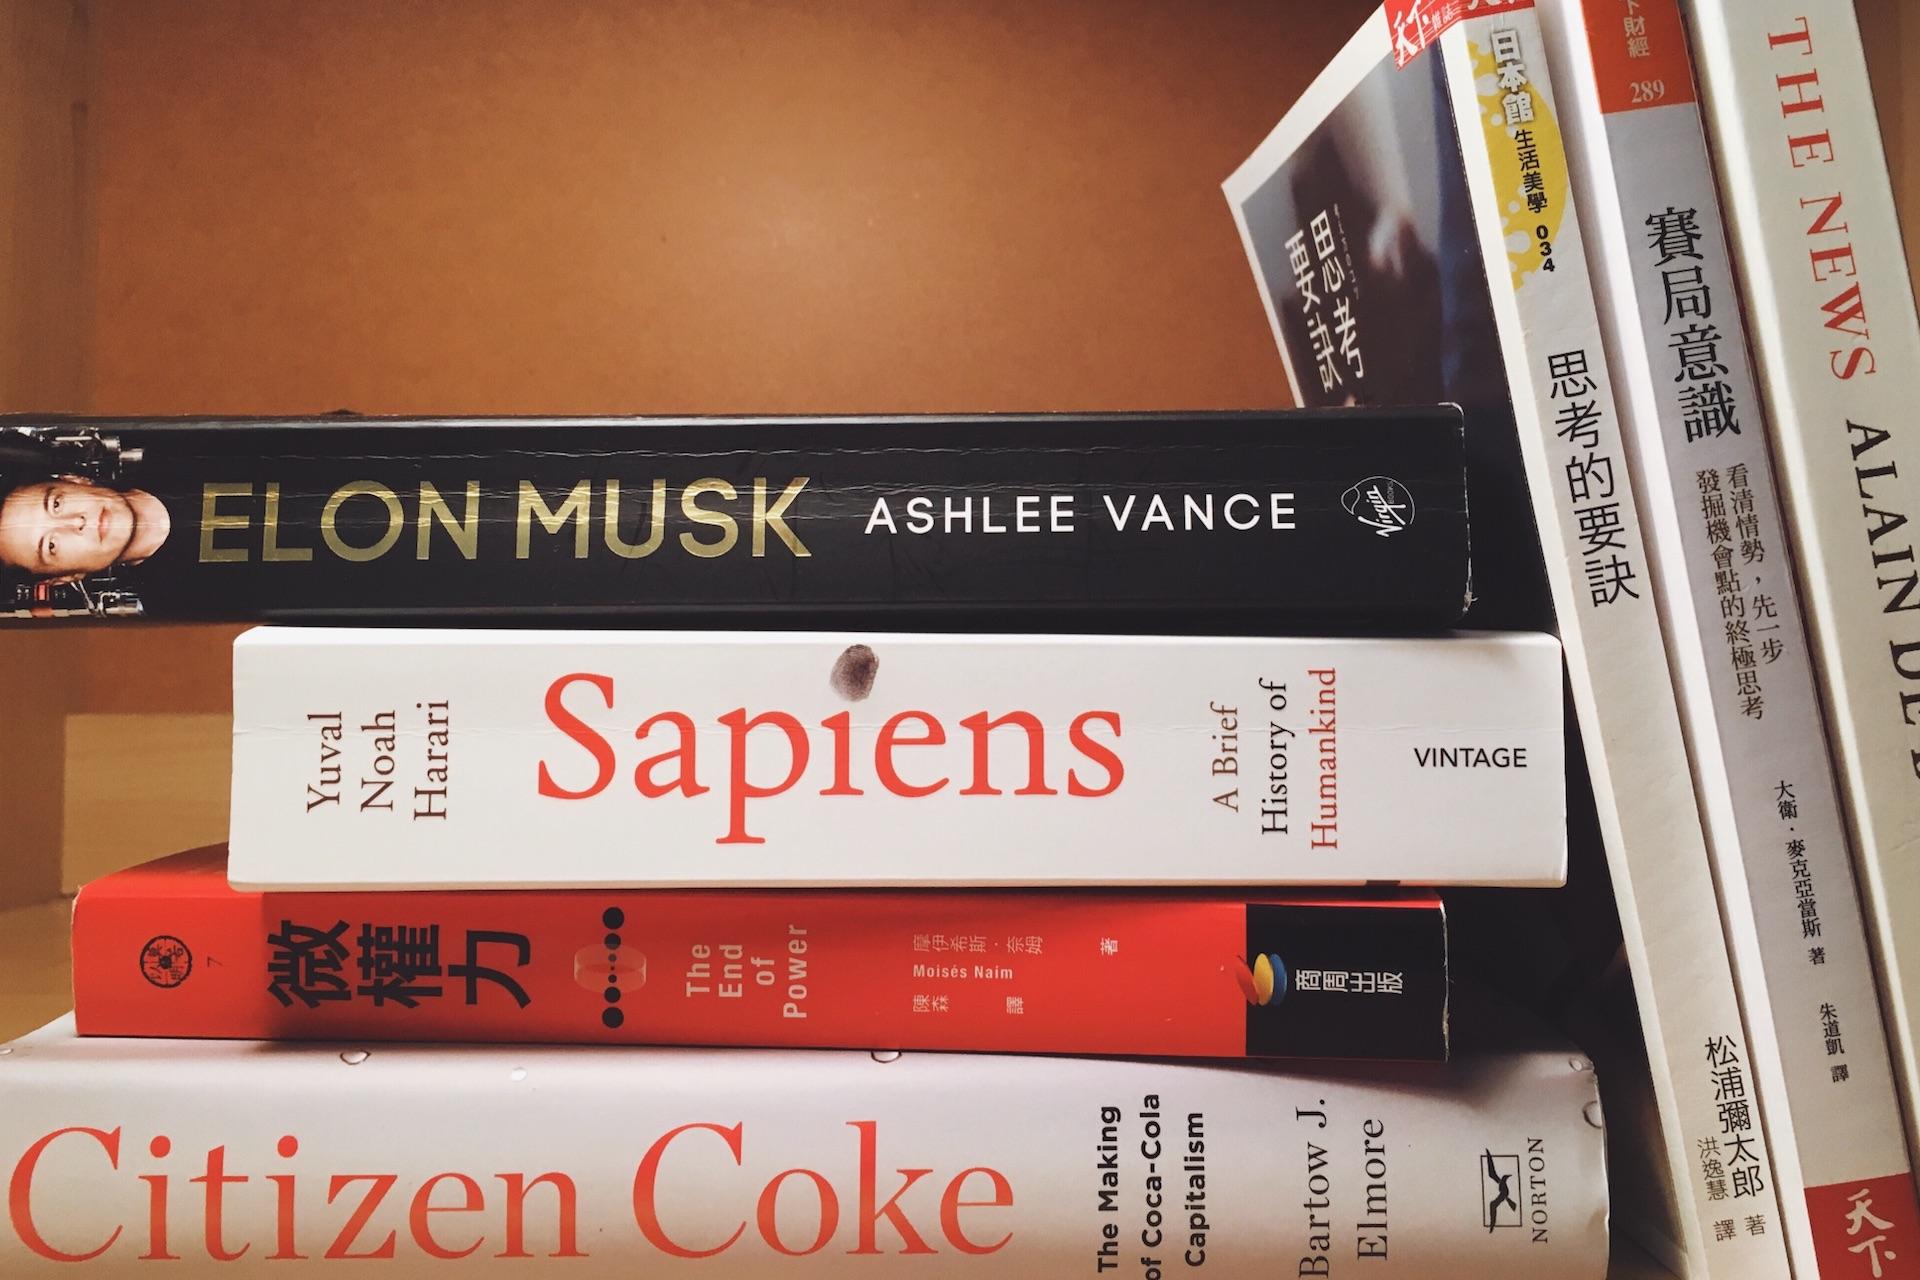 和比爾蓋茲及馬克祖克柏一起學習:2016  年找到自己的線上讀書會